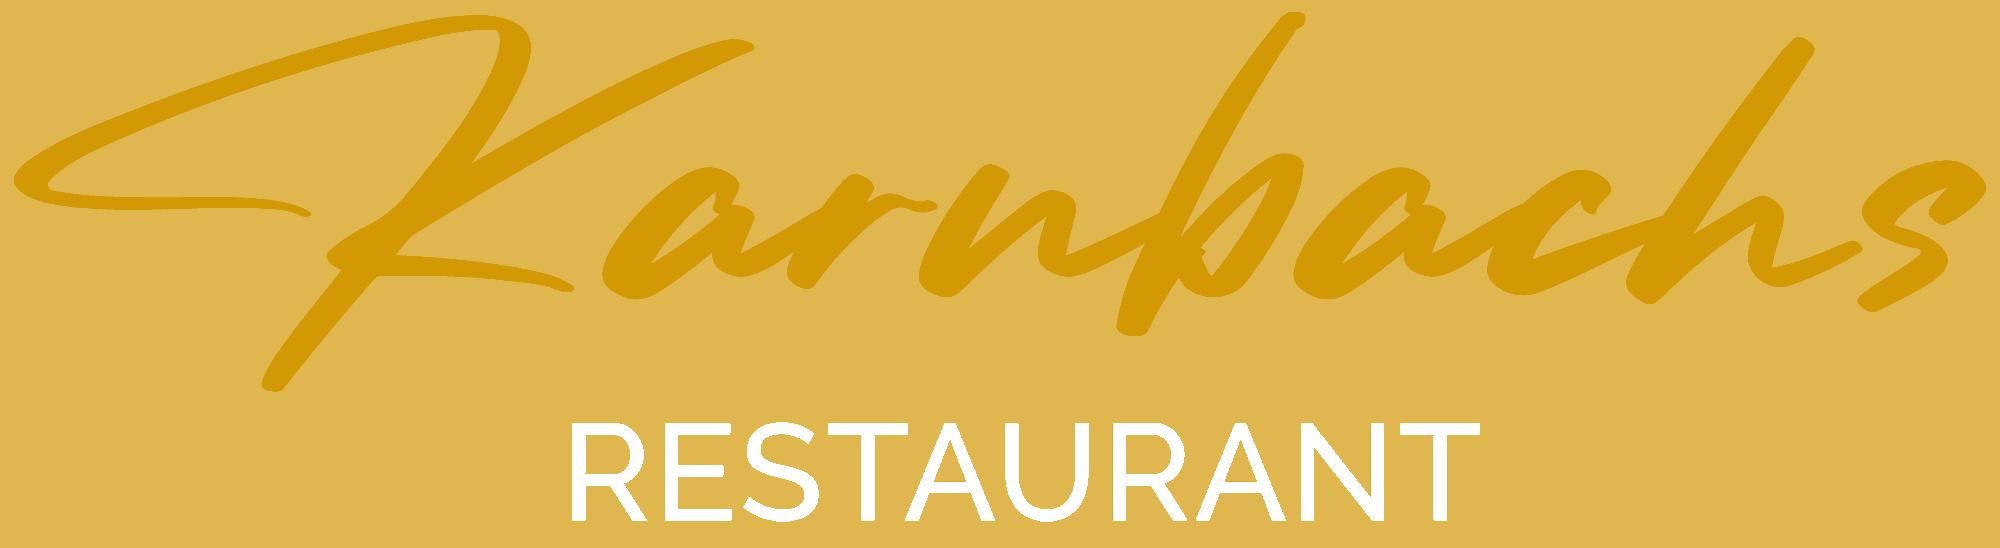 Restaurant Karnbachs Rz Weisser Slogan